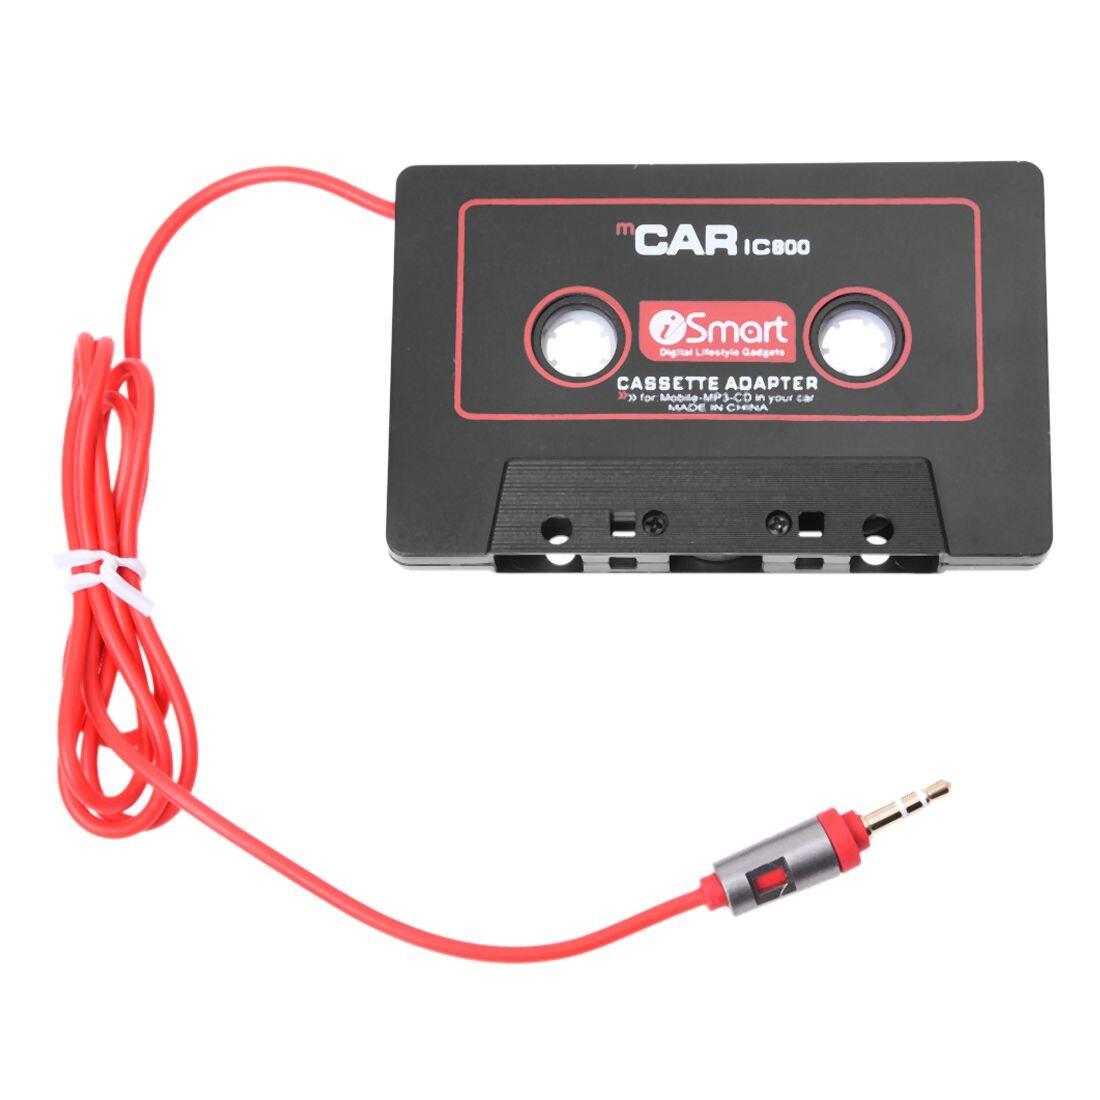 Ttkk sistemas de áudio do carro adaptador de fita cassete estéreo do carro para o telefone móvel mp3 aux cd player 3.5mm jack para o caminhão do carro van (